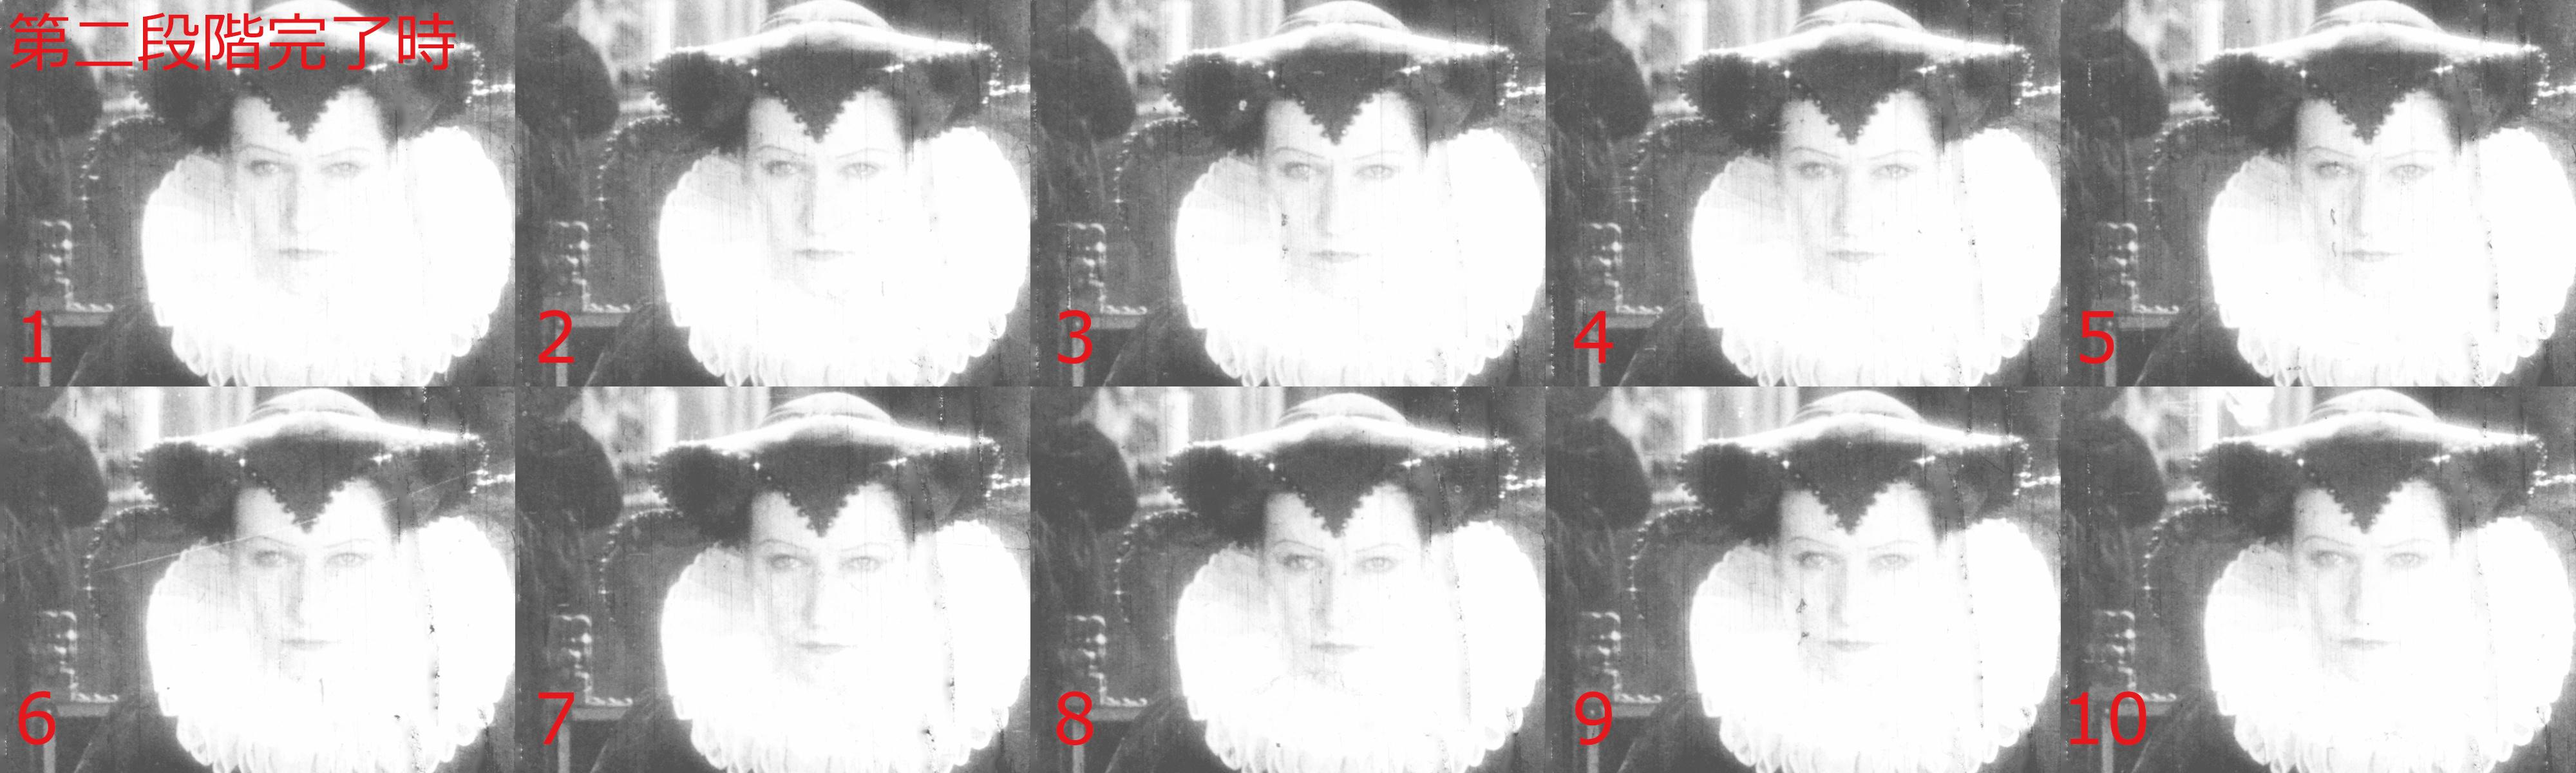 参考画像09(第二段階終了時)